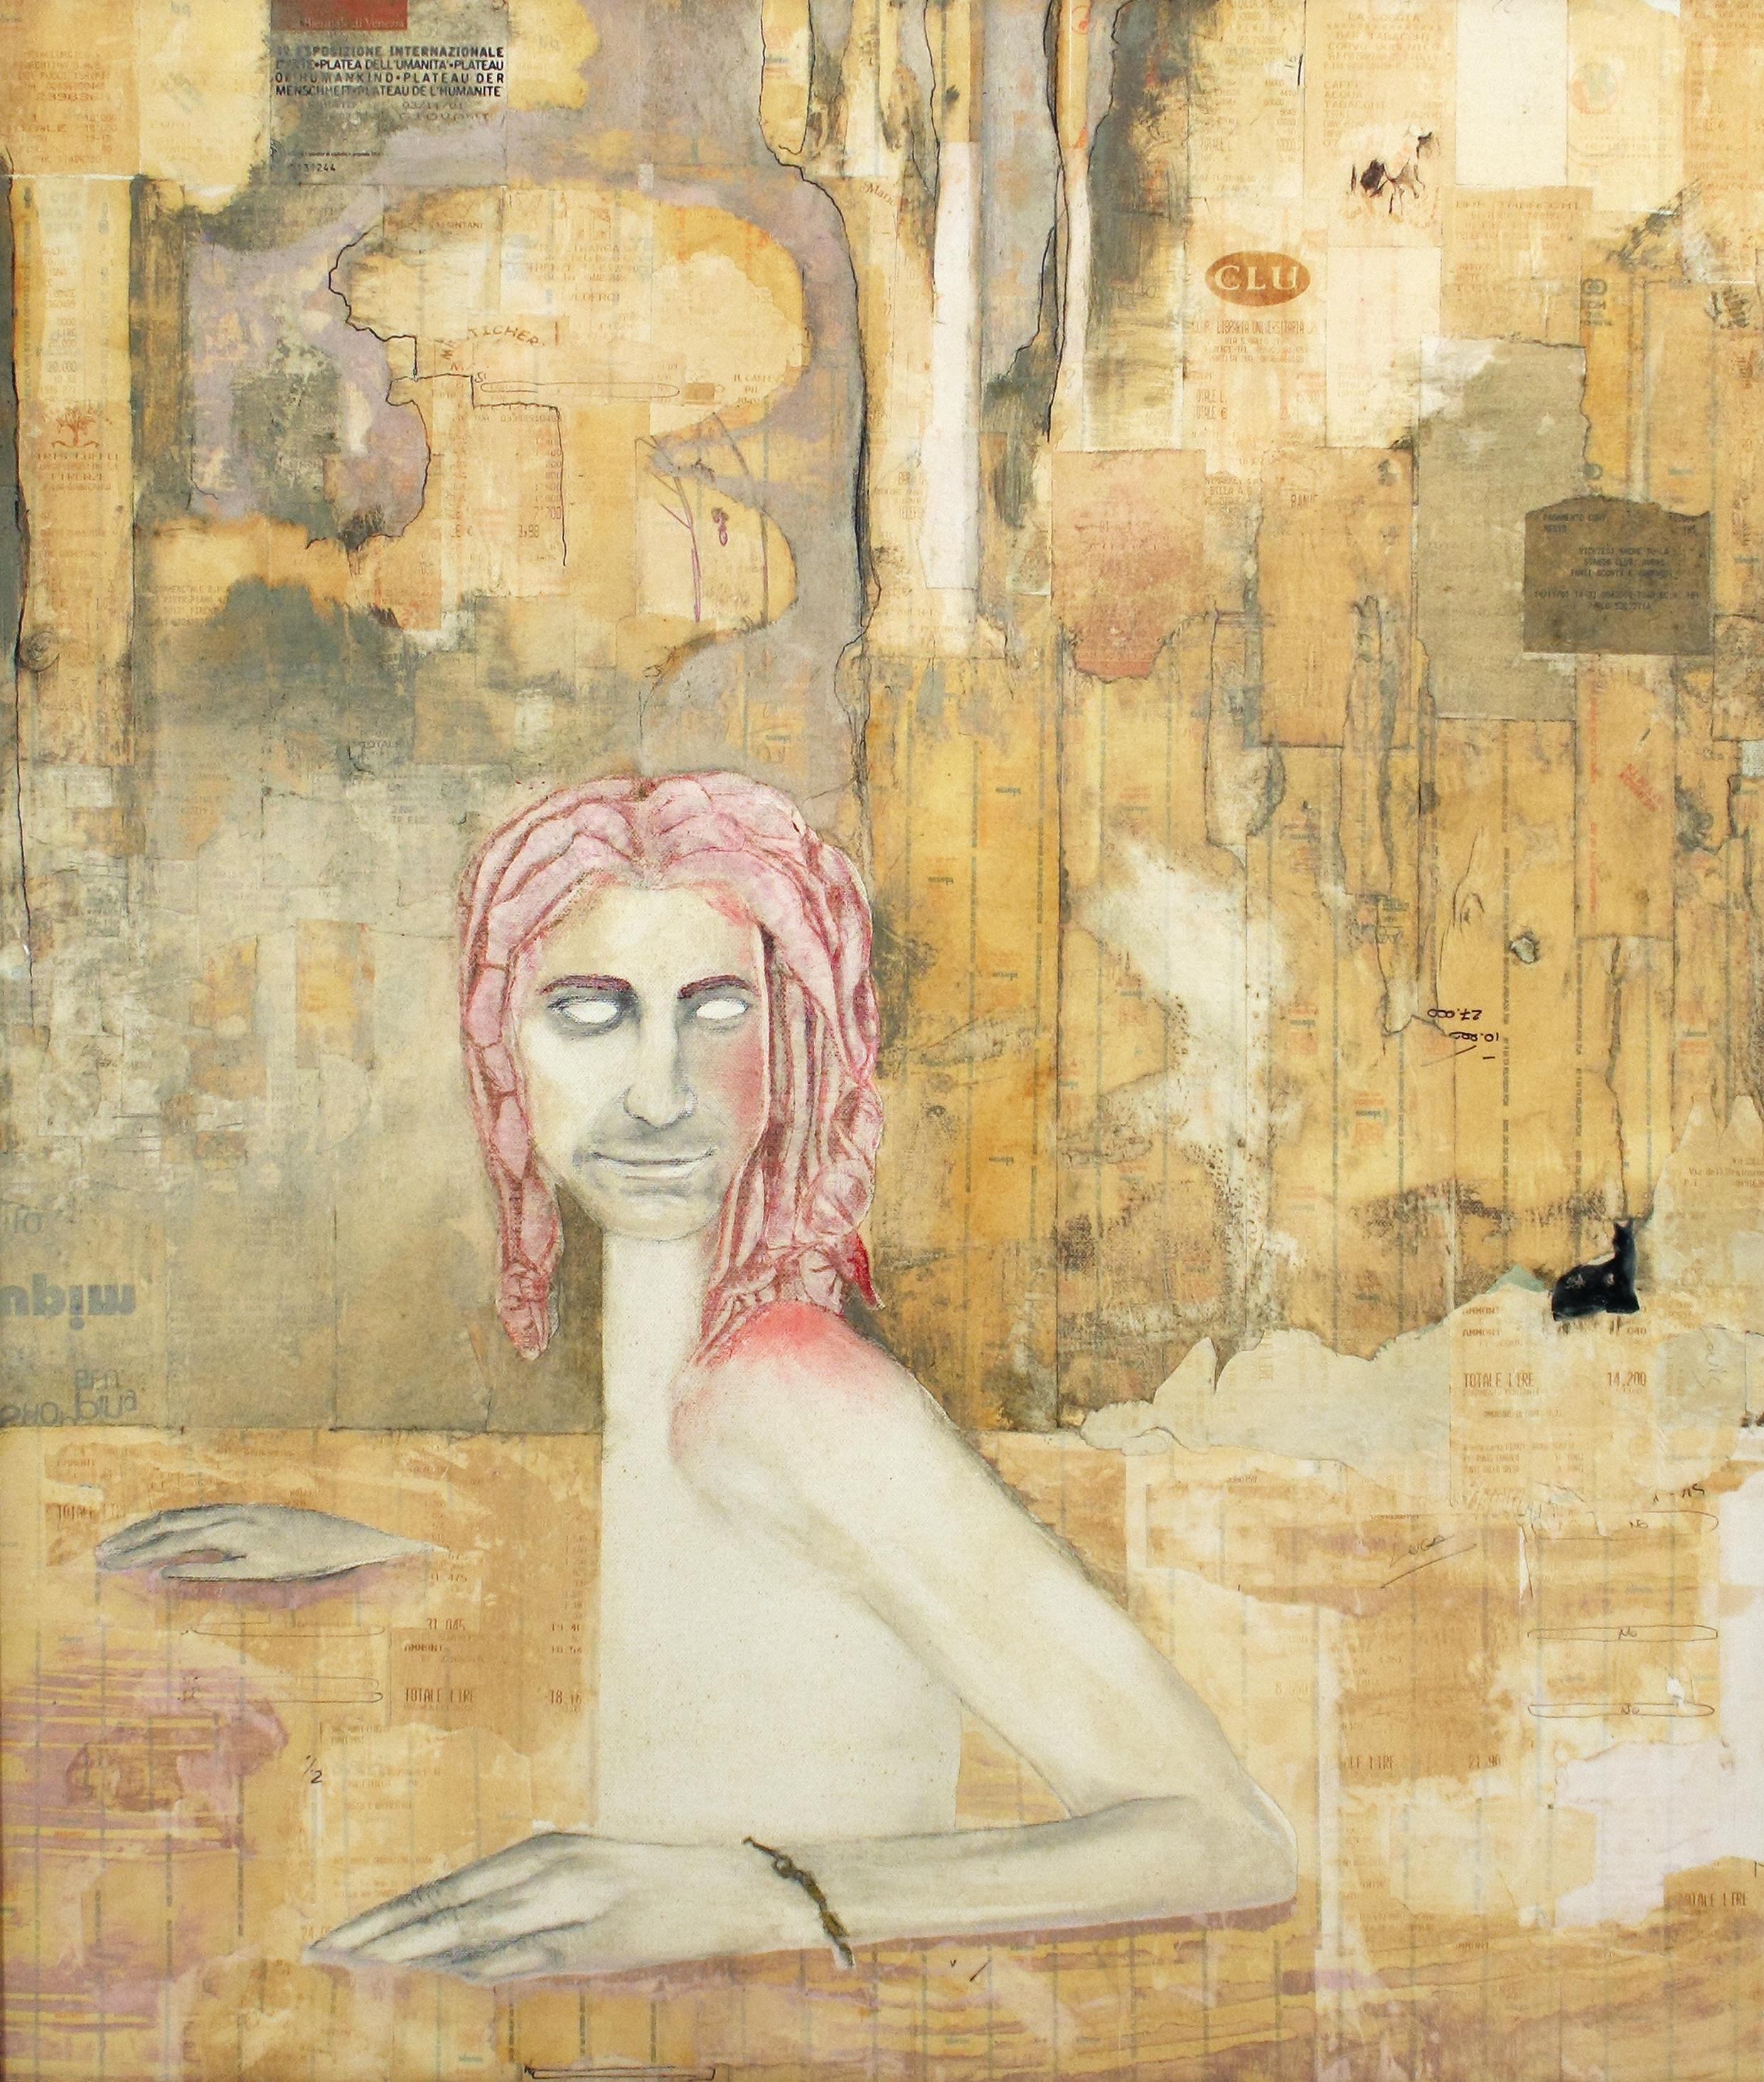 Autoritratto di Luca Viapiana